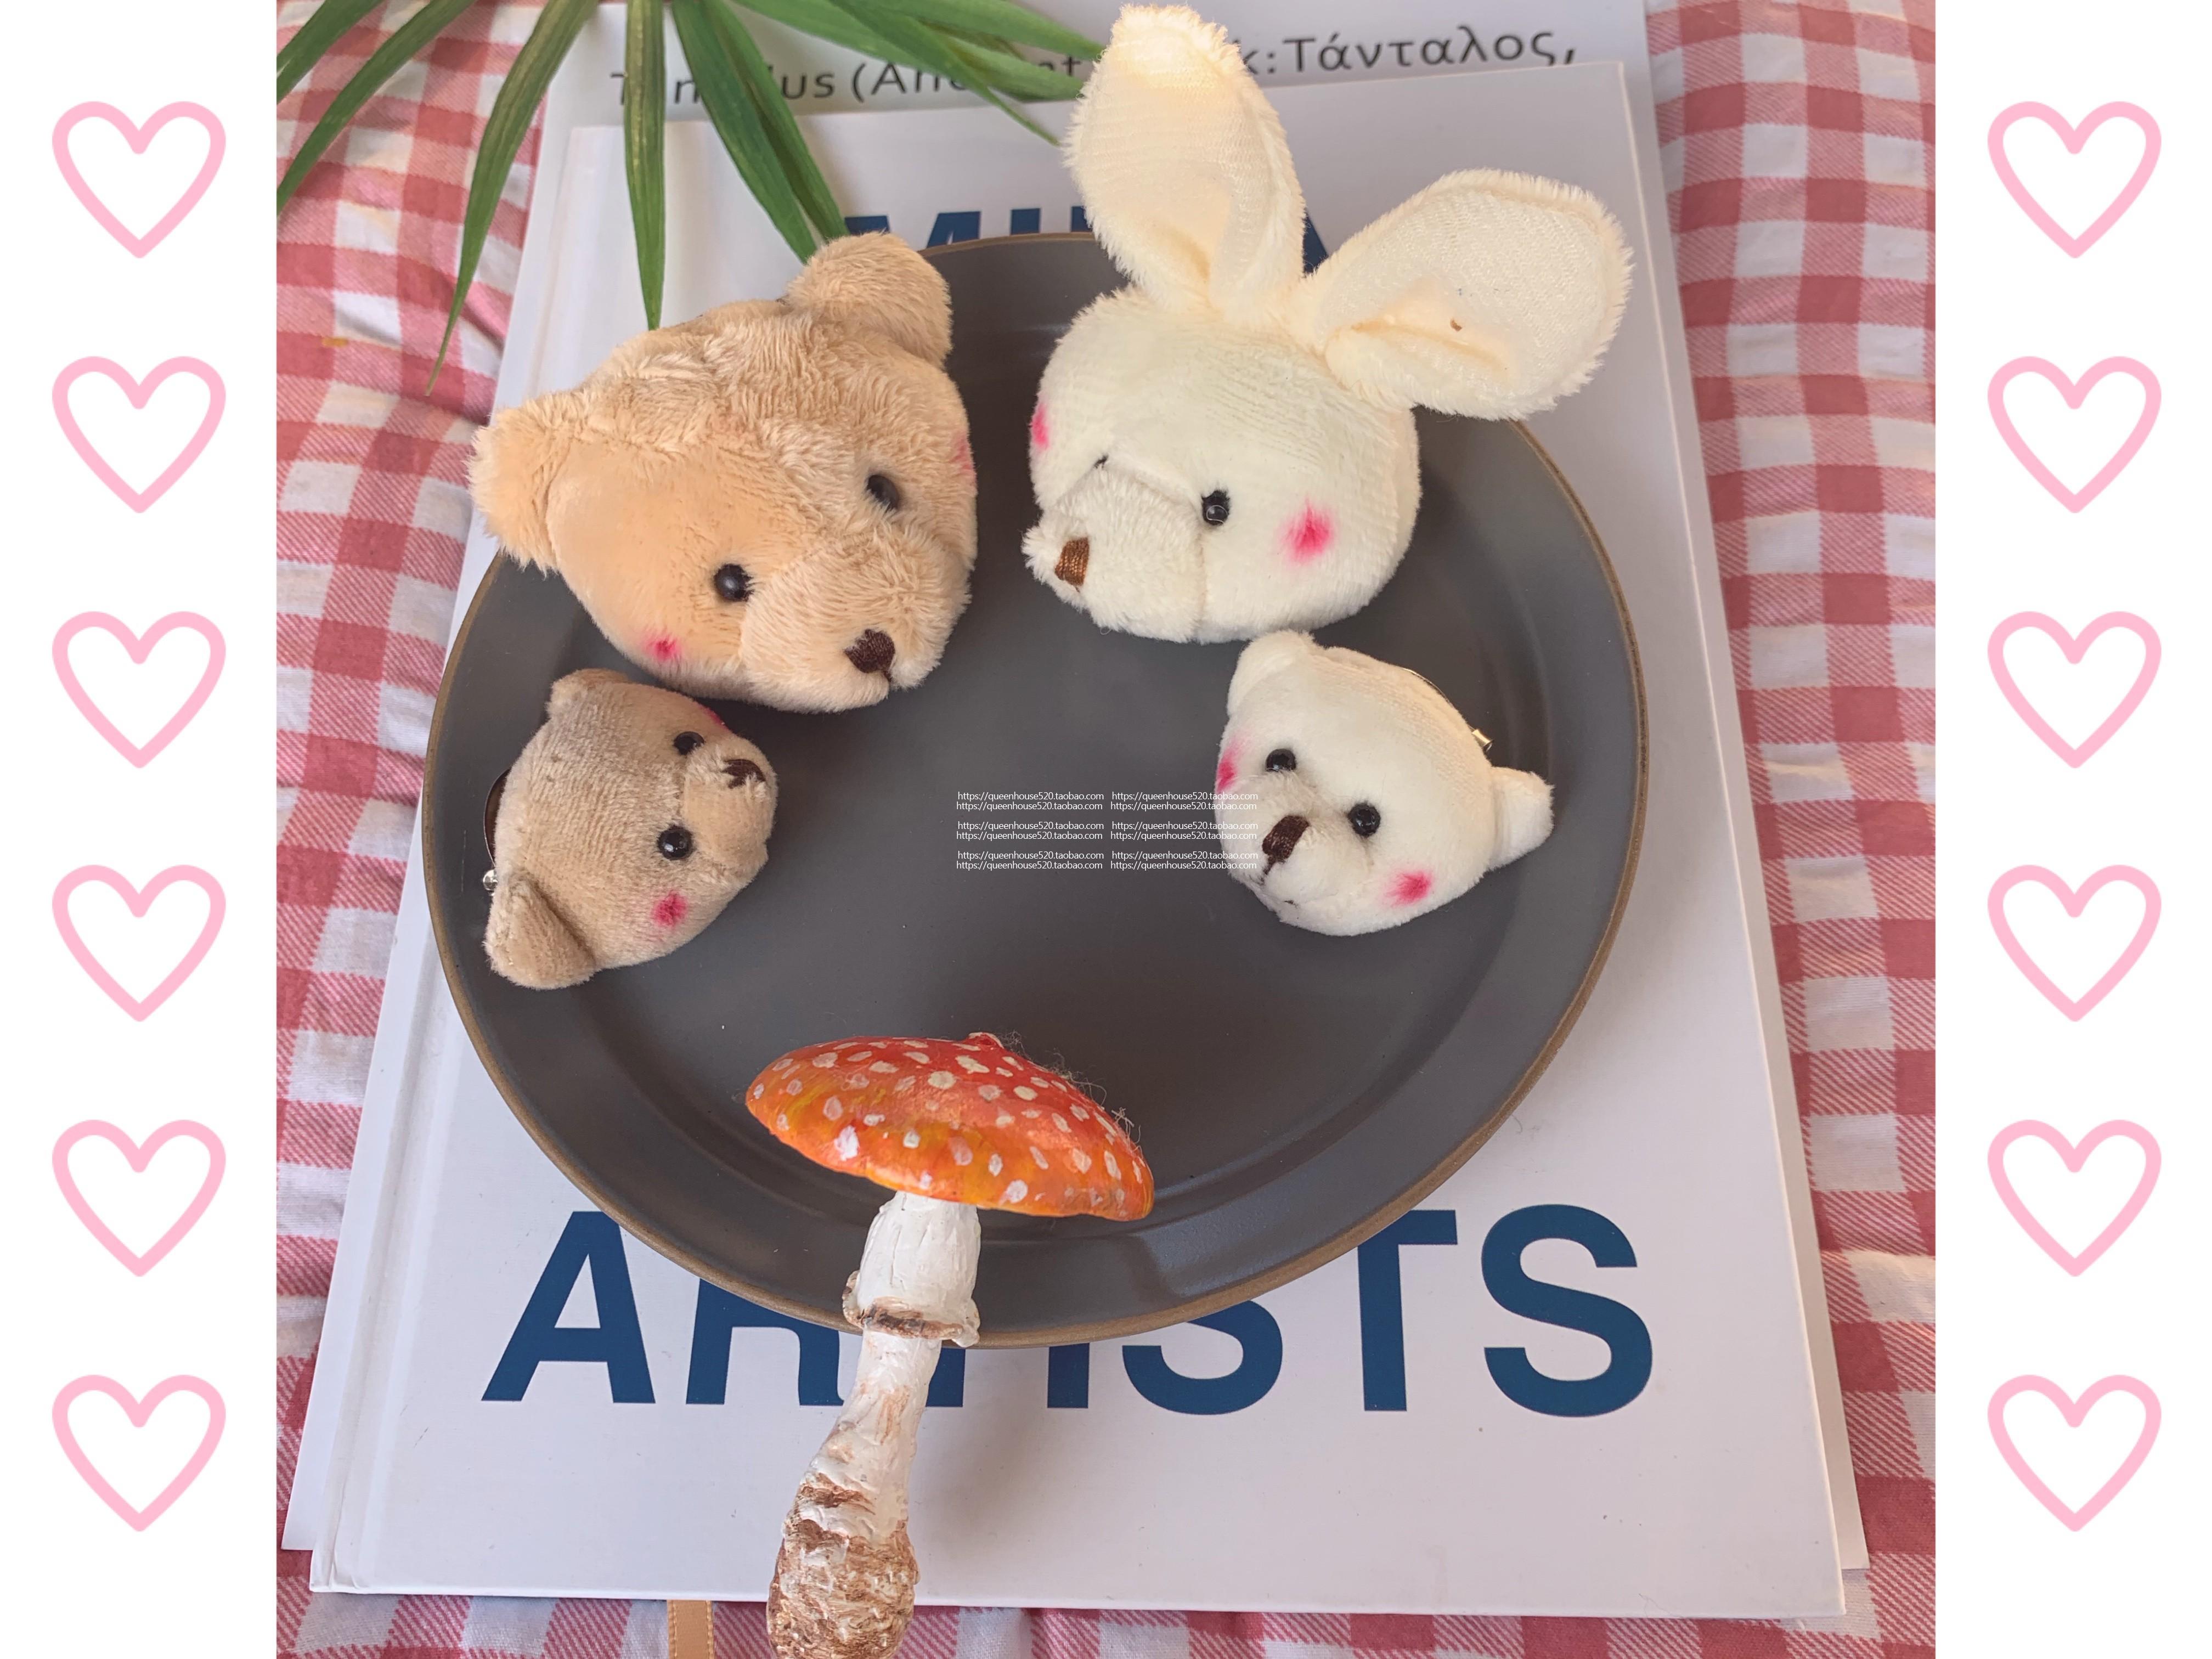 儿童饰物 小兔小熊胸针 做你的乖宝宝 超可爱 百搭衣物出街装饰